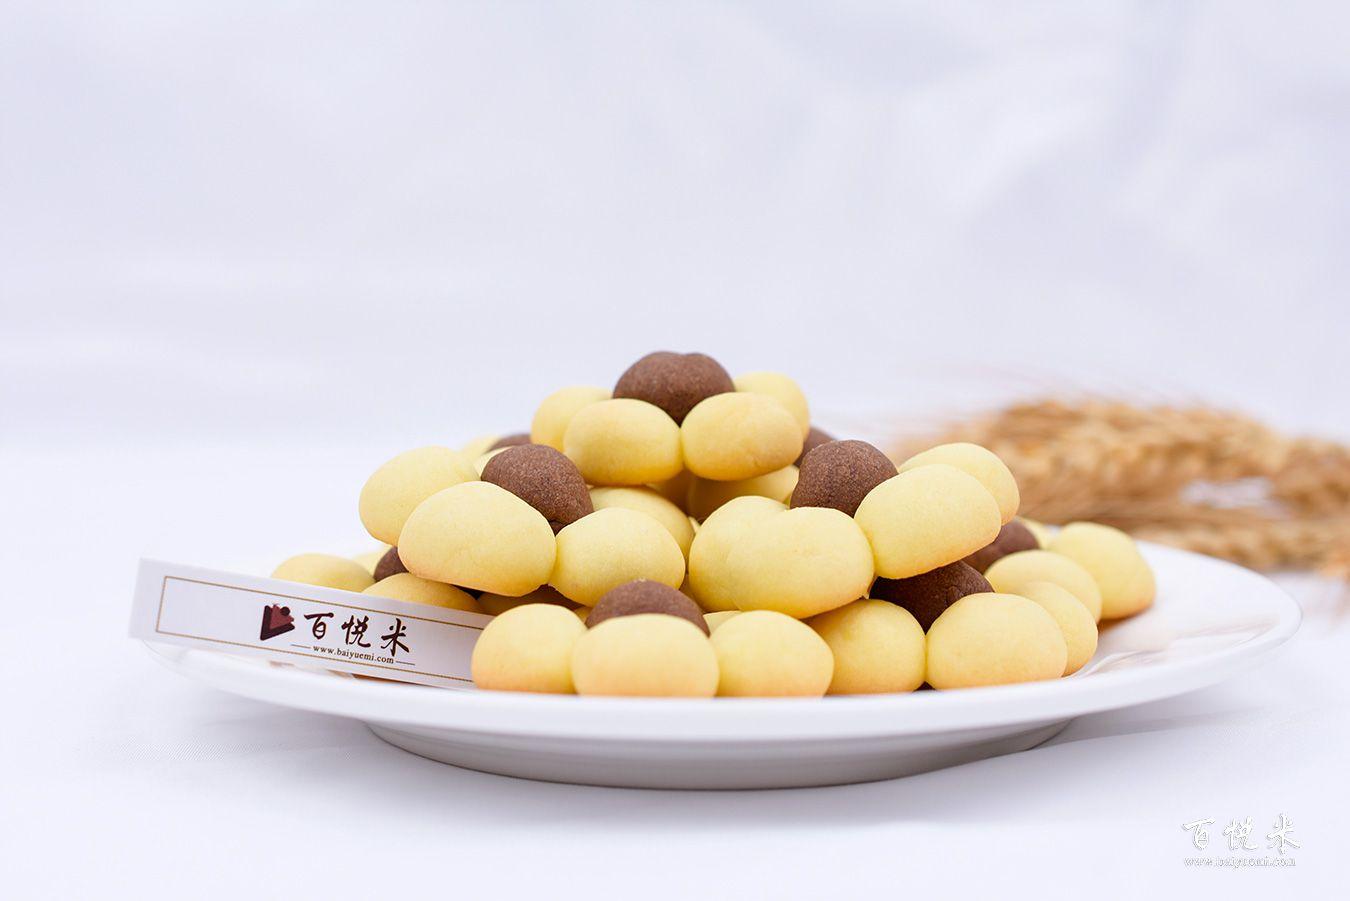 原味花朵饼干高清图片大全【蛋糕图片】_540